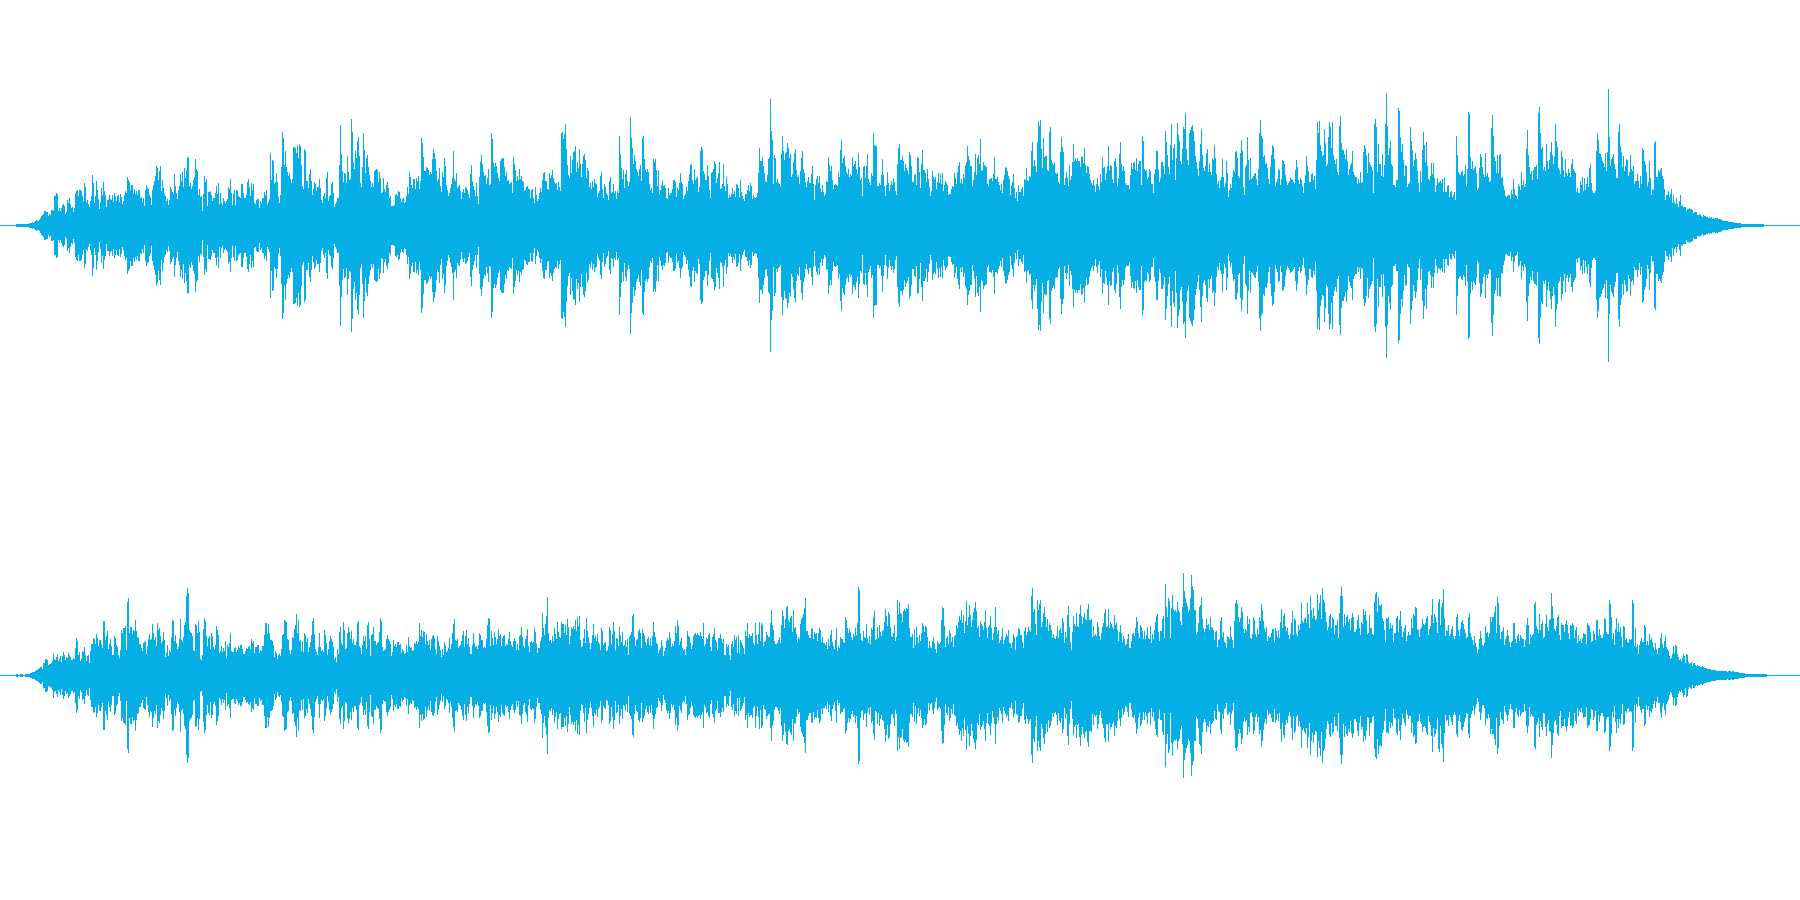 繰り返すアコギの伴奏が心地よい曲の再生済みの波形